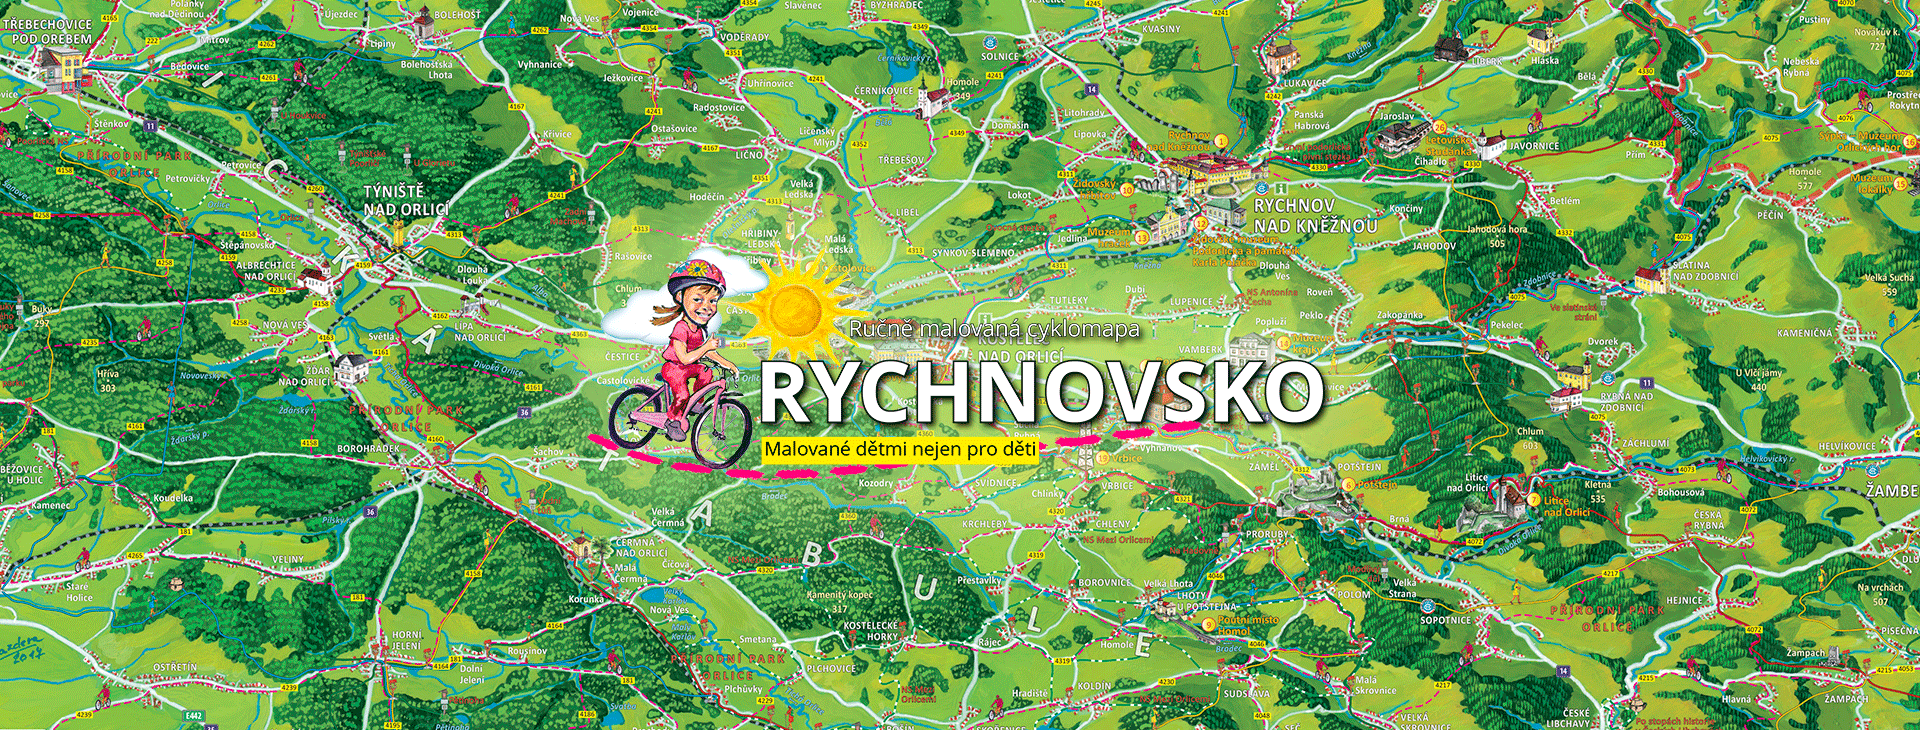 Děti z Rychnovska budou malovat svou cyklomapu